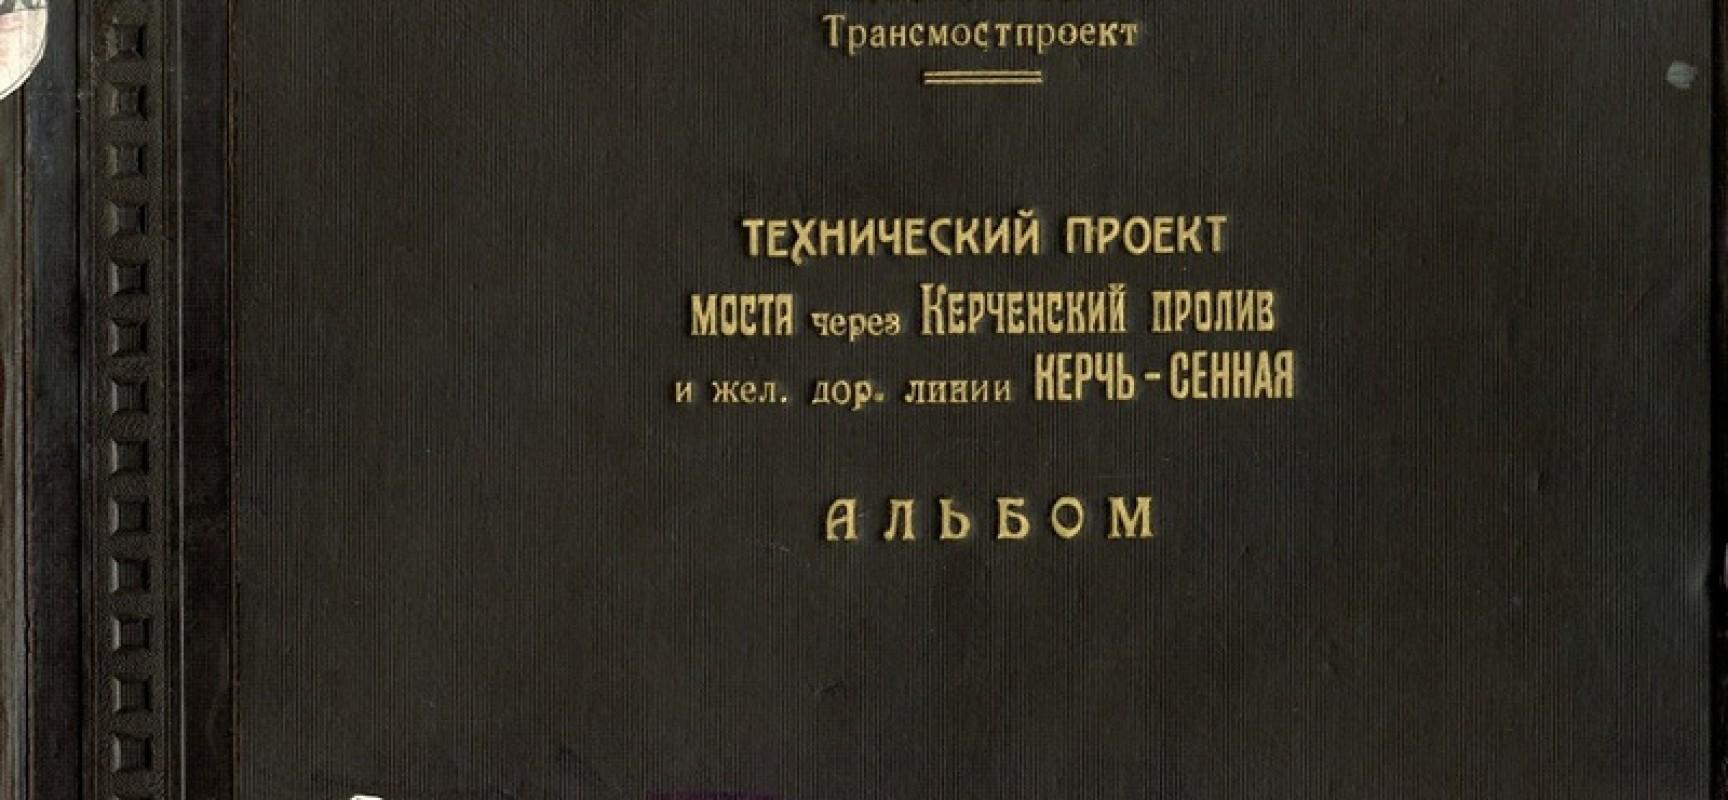 Проект моста через Керченский пролив 1949 года